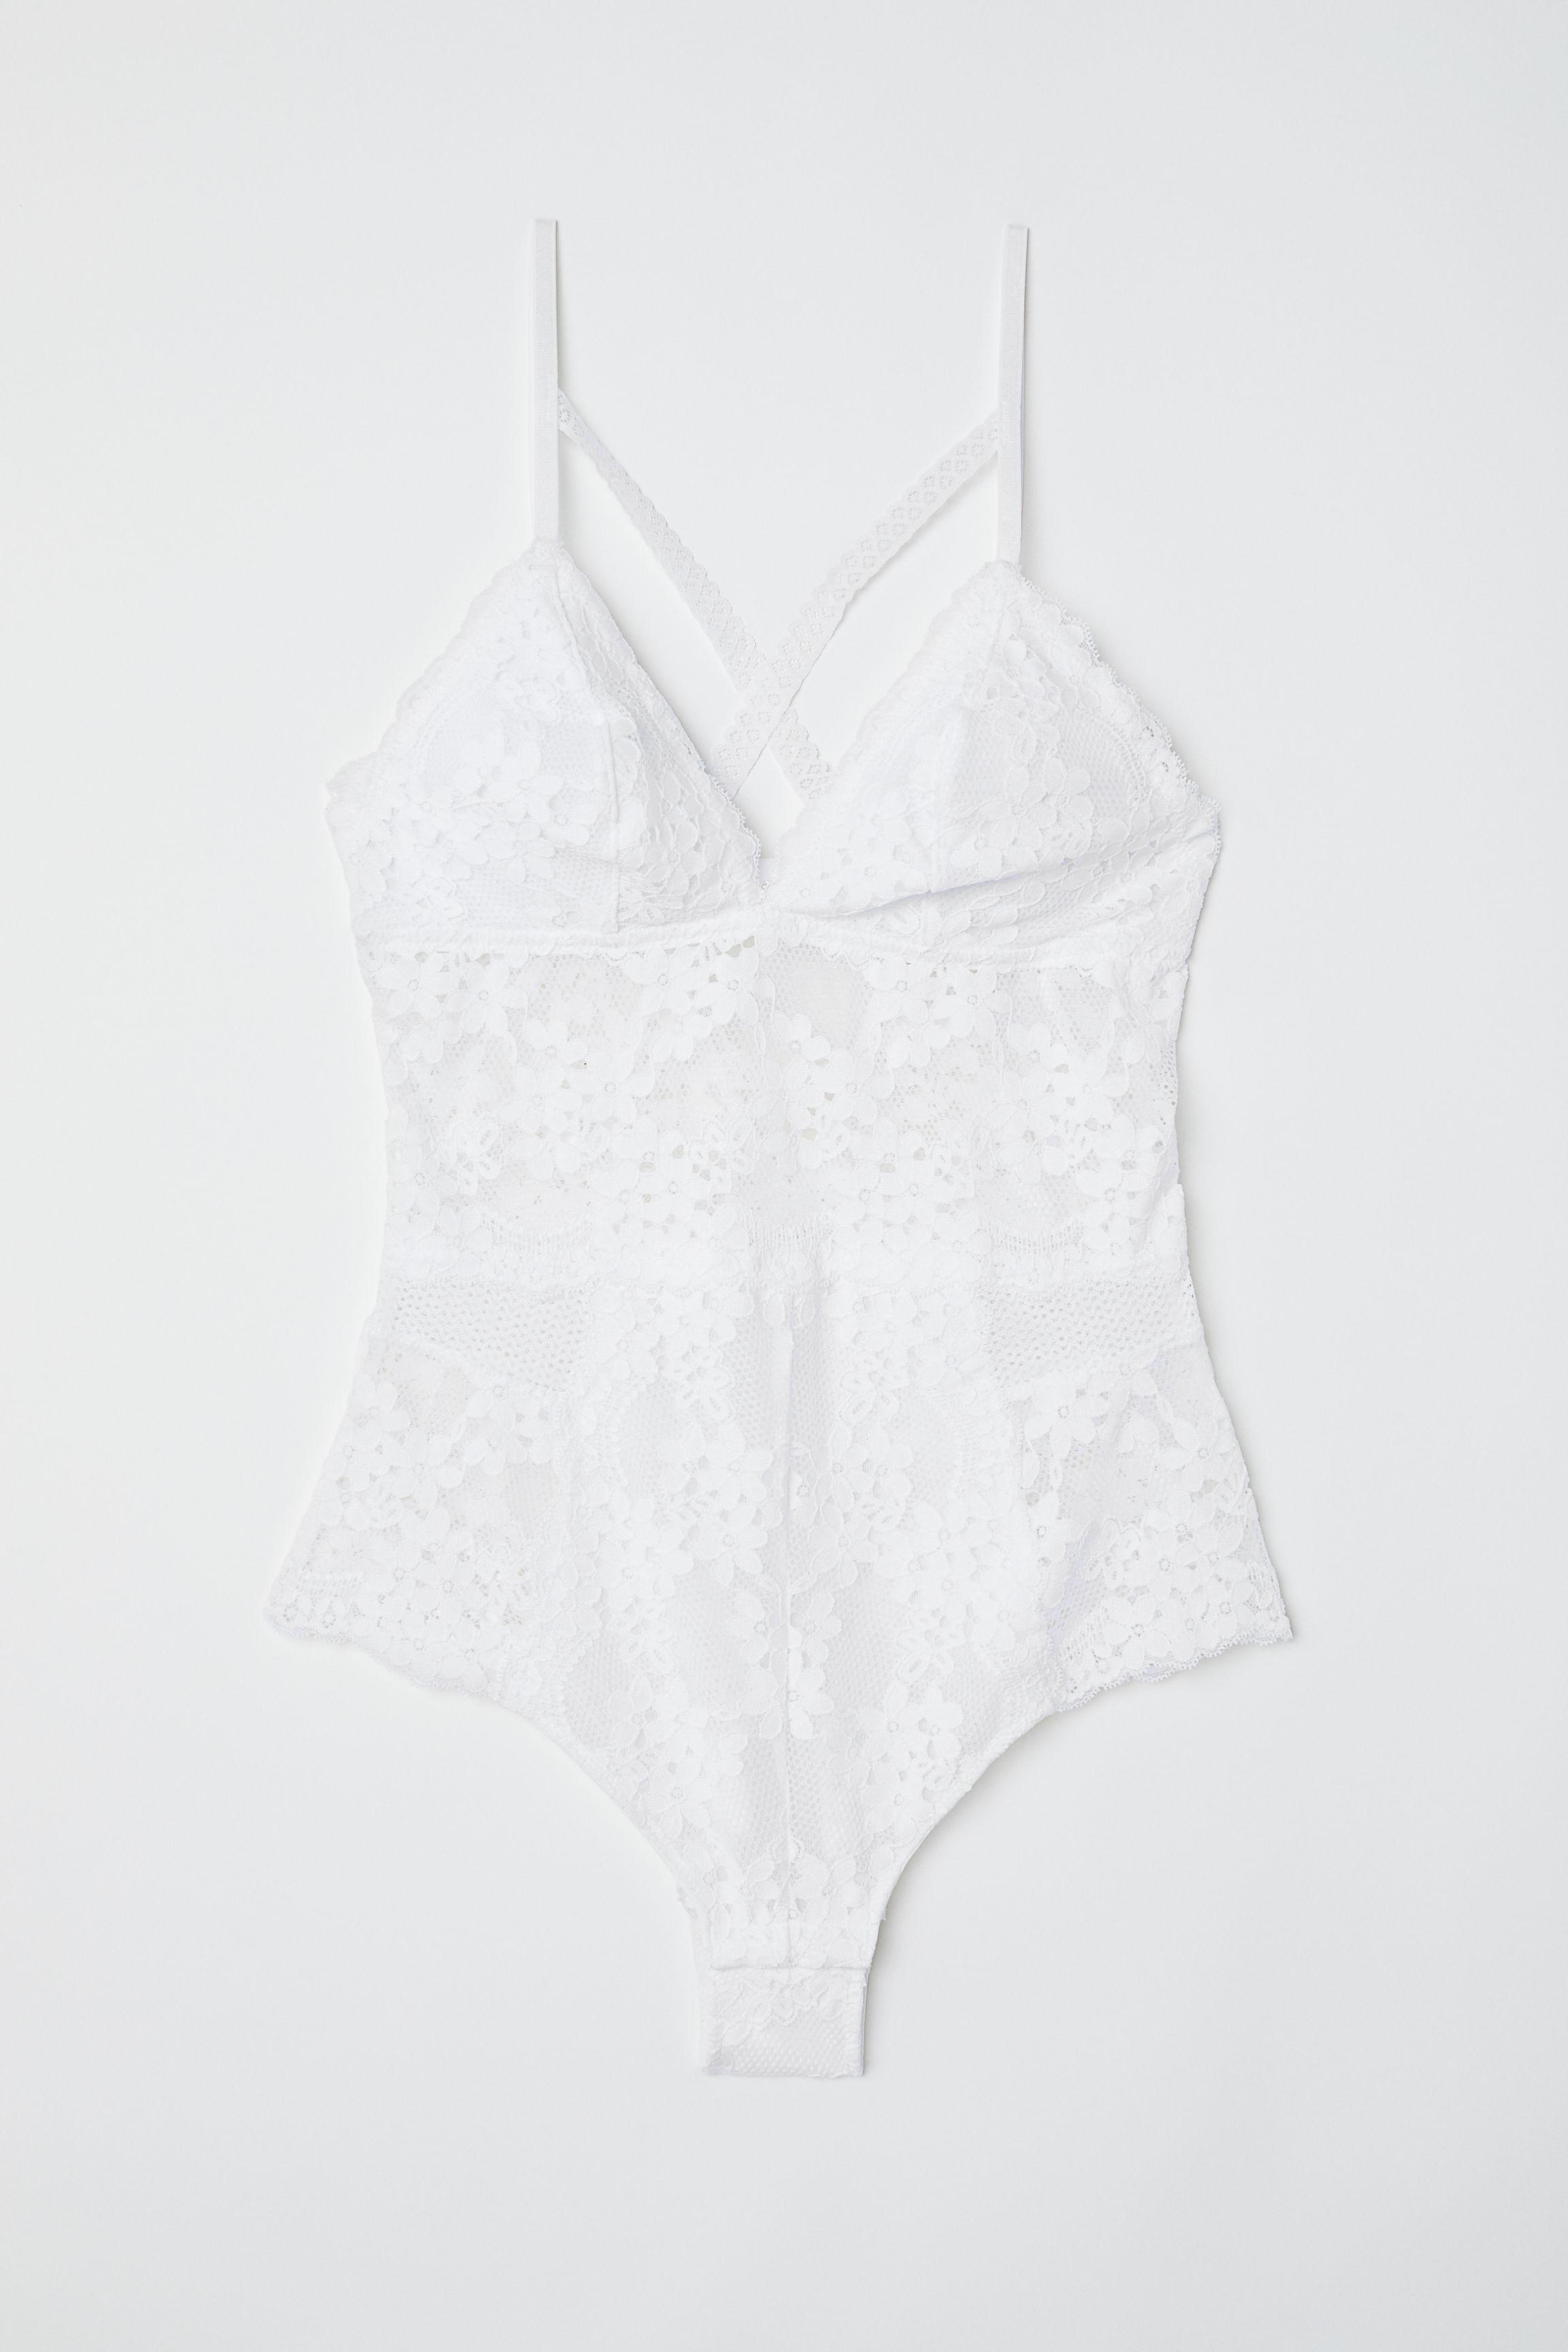 e042d0d74fc H&M Lace Bodysuit in White - Lyst